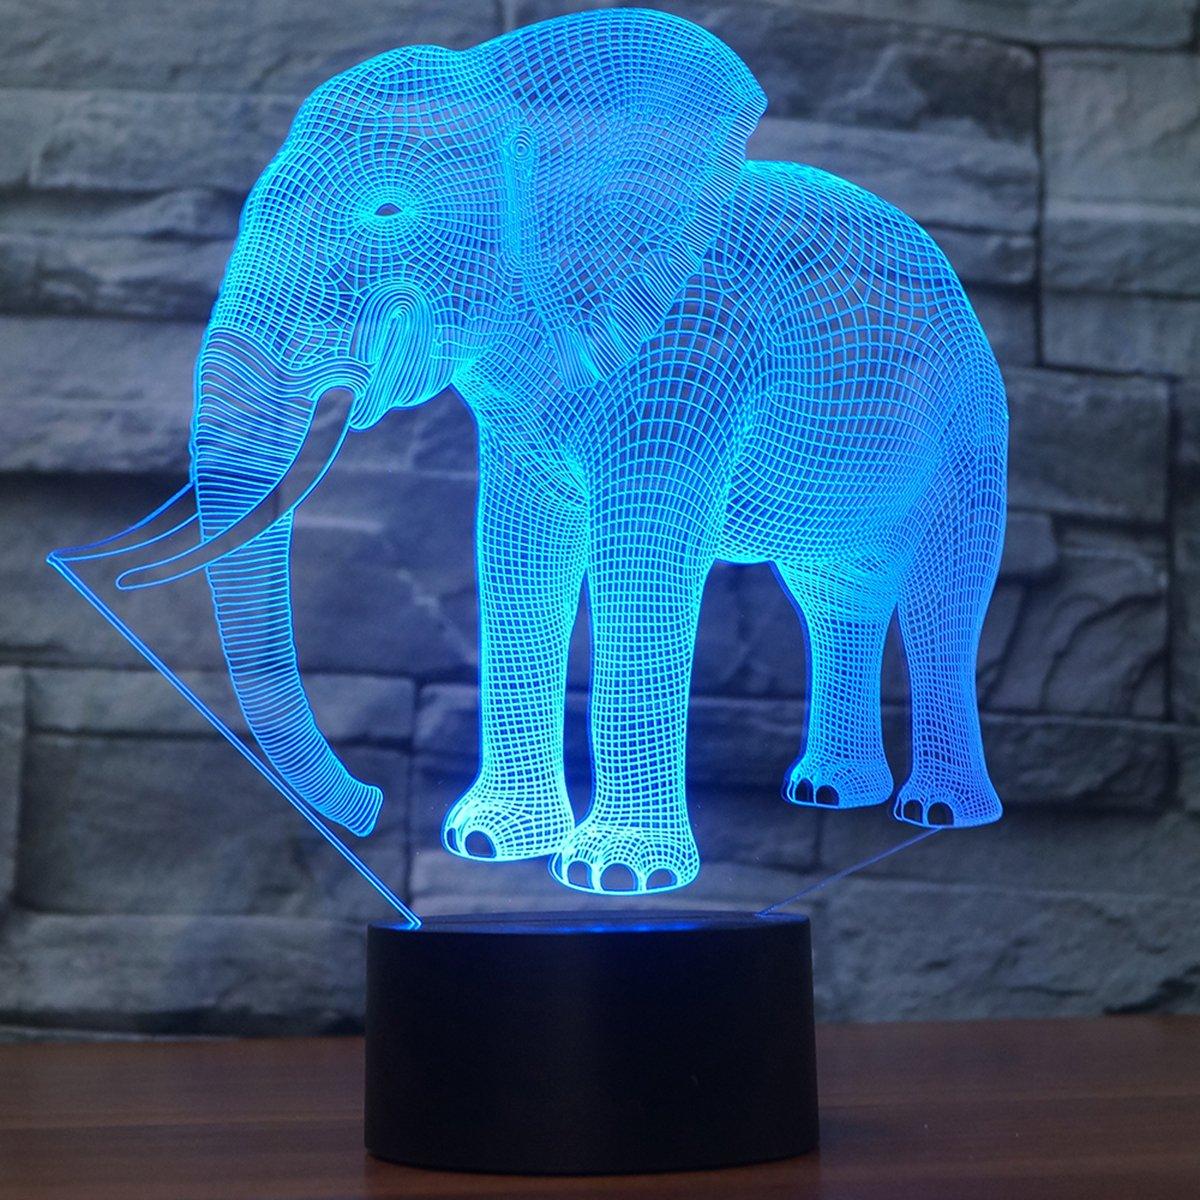 Novelty Elephant 3D Illusion Lampe Led Nachtlicht mit 7 Farben Flashing & Touch-Schalter USB Powered Schlafzimmer Schreibtischlampe für Kinder Geschenke Home Dekoration 1 8201